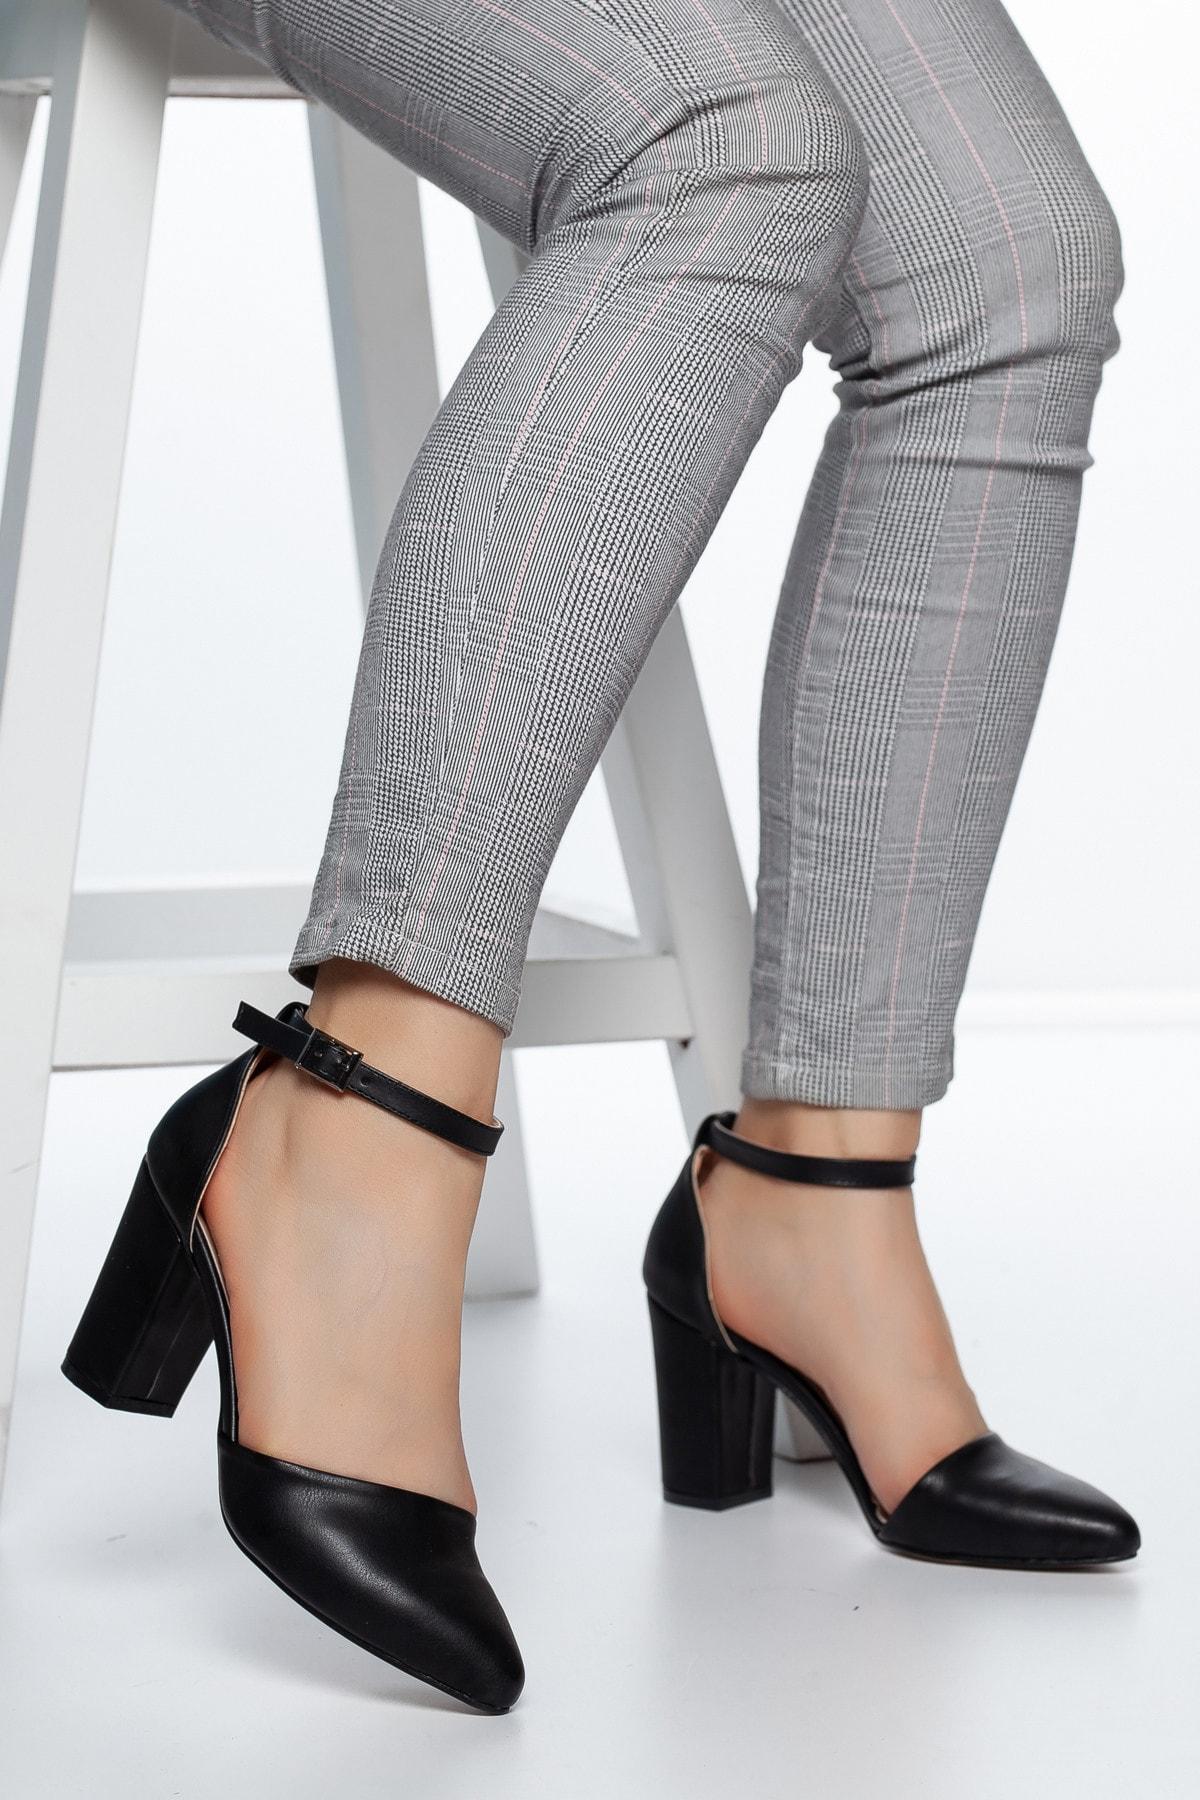 Daxtors Siyah Kadın Ayakkabı DXTRSKRNYRKY002 1